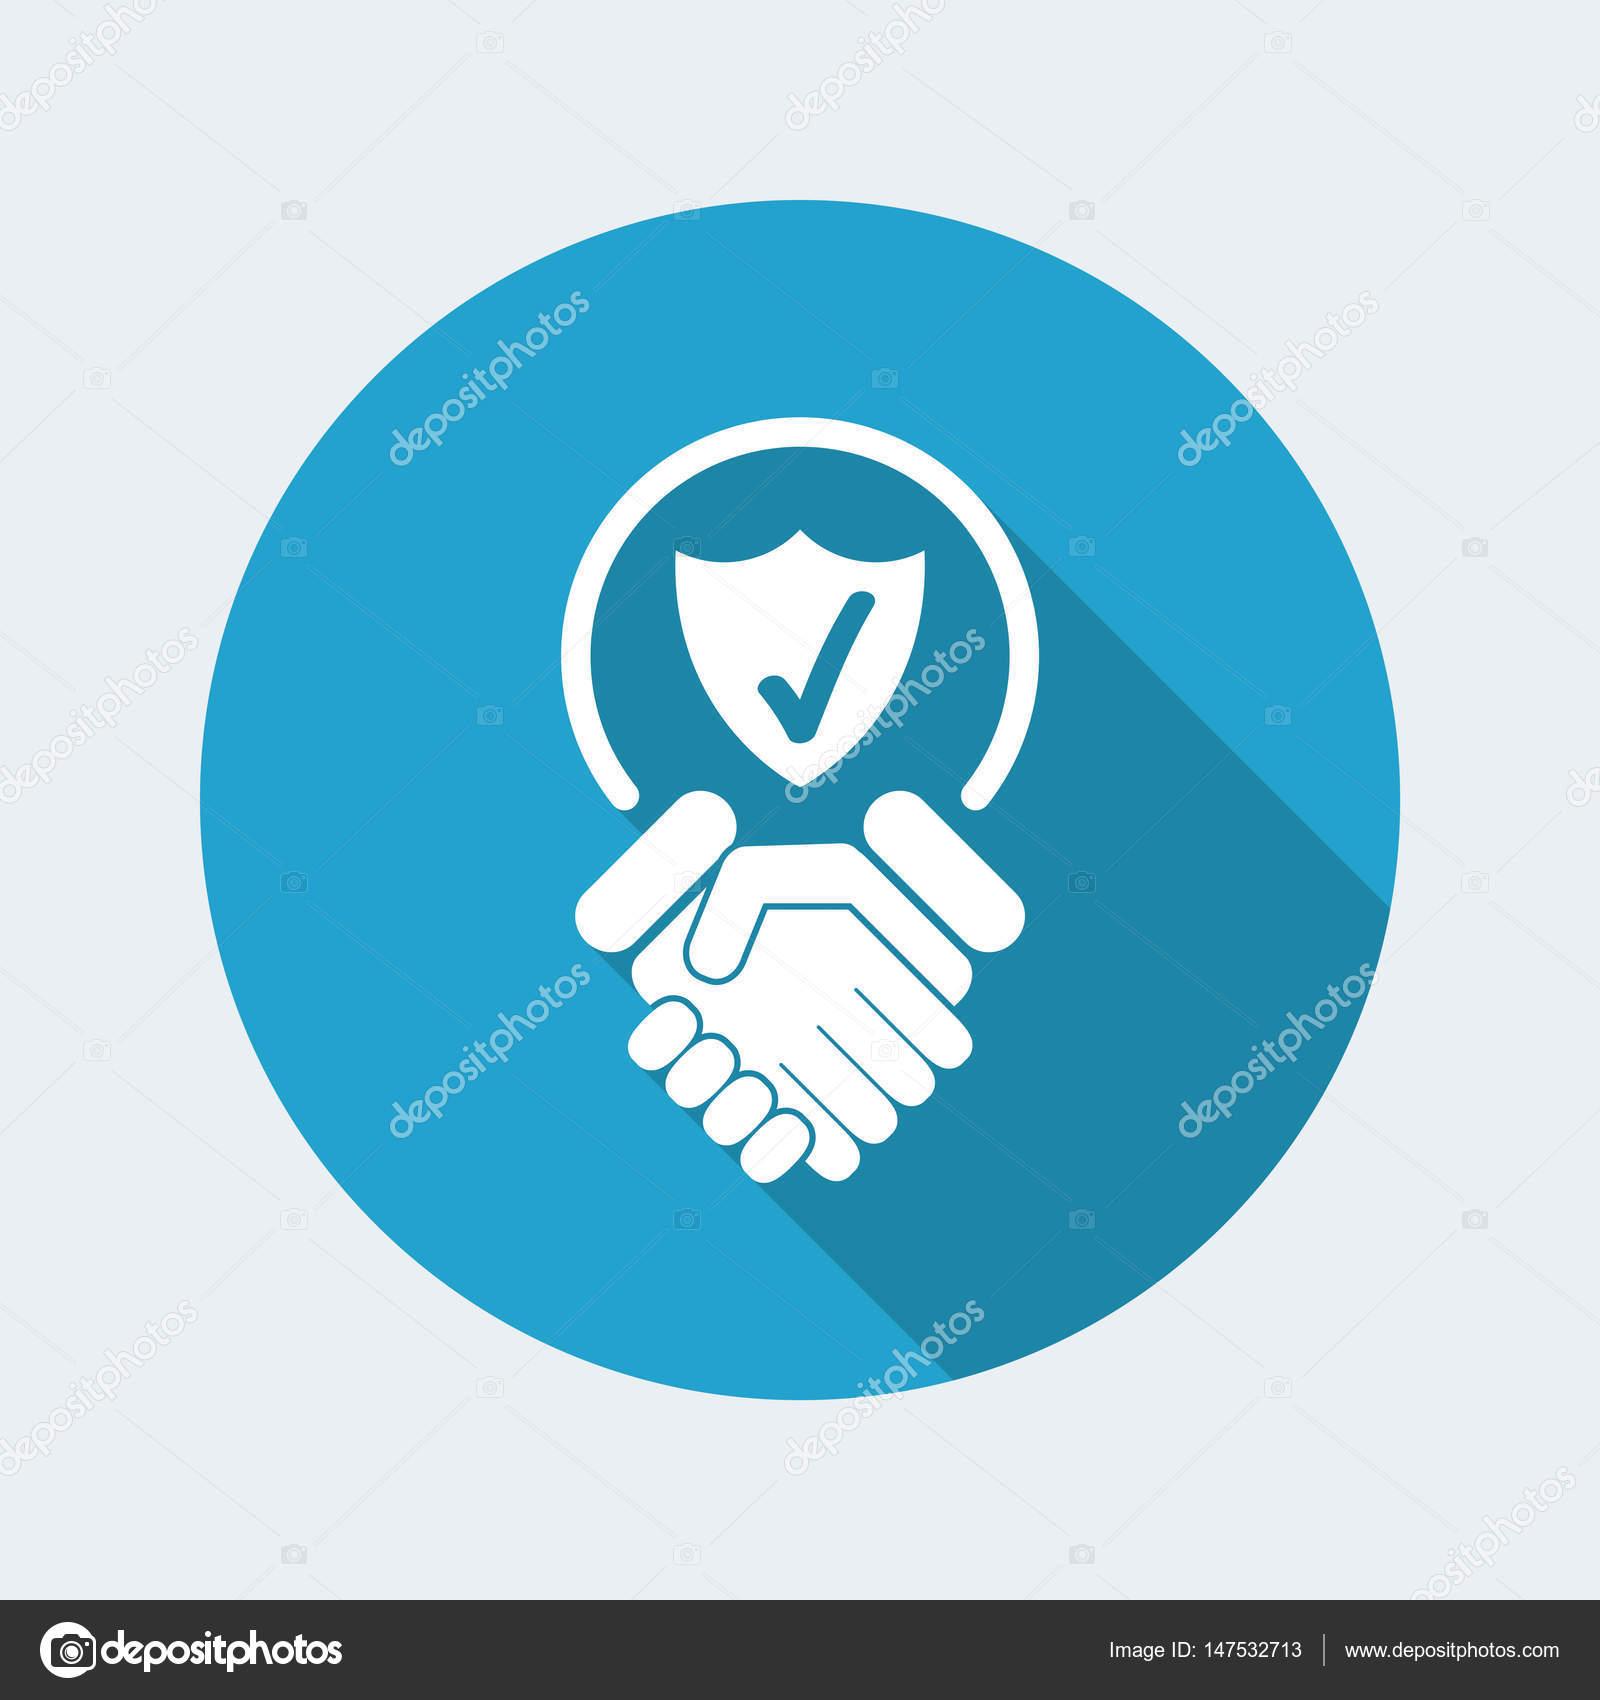 Vertrauen für Schutzsymbol - Vektorgrafik: lizenzfreie